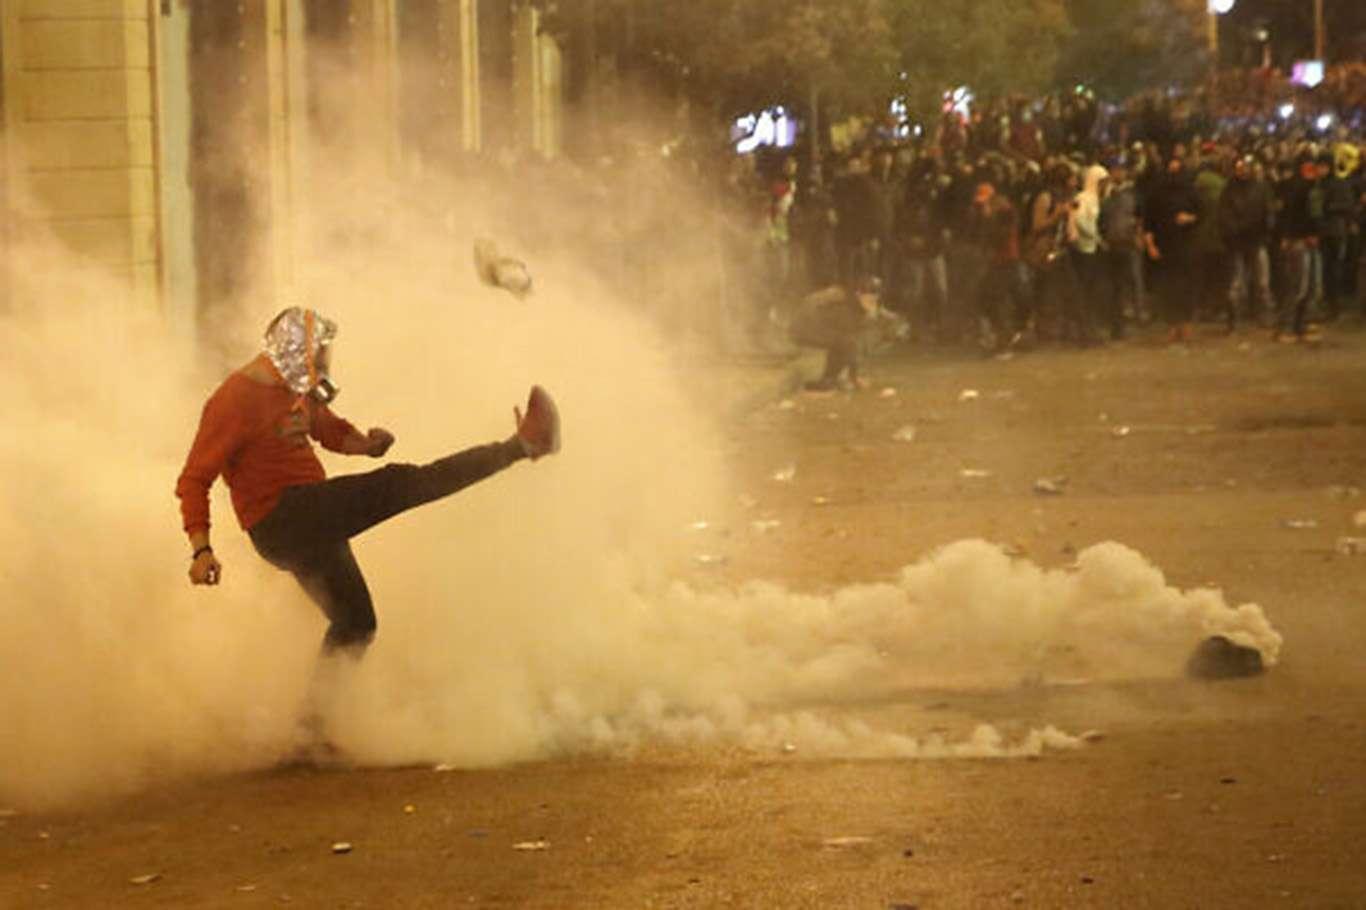 Lübnan'da Başlayan Gösterilerde 70 Çocuk Yaralandı